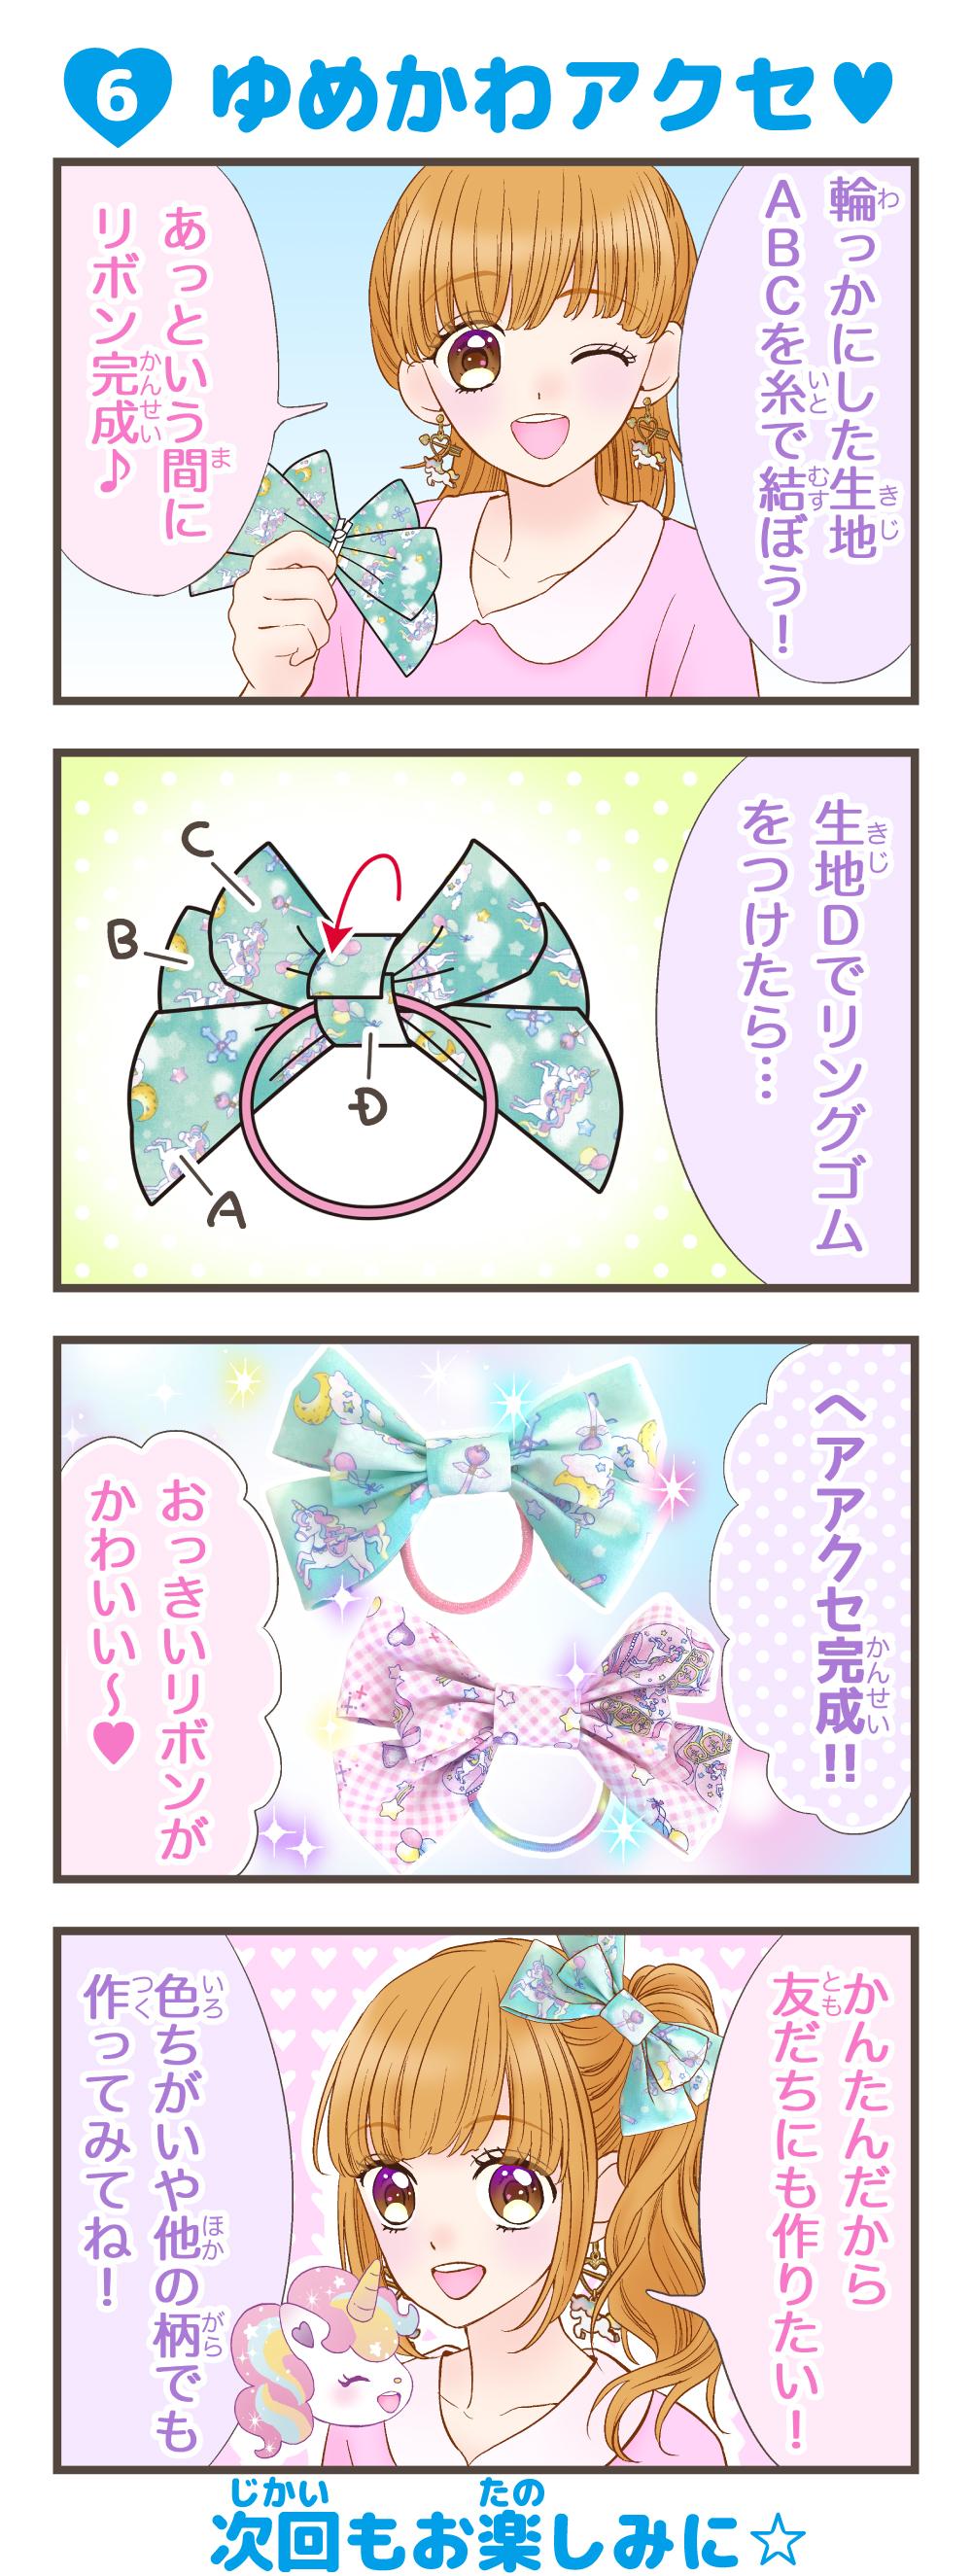 いろコレ漫画6話